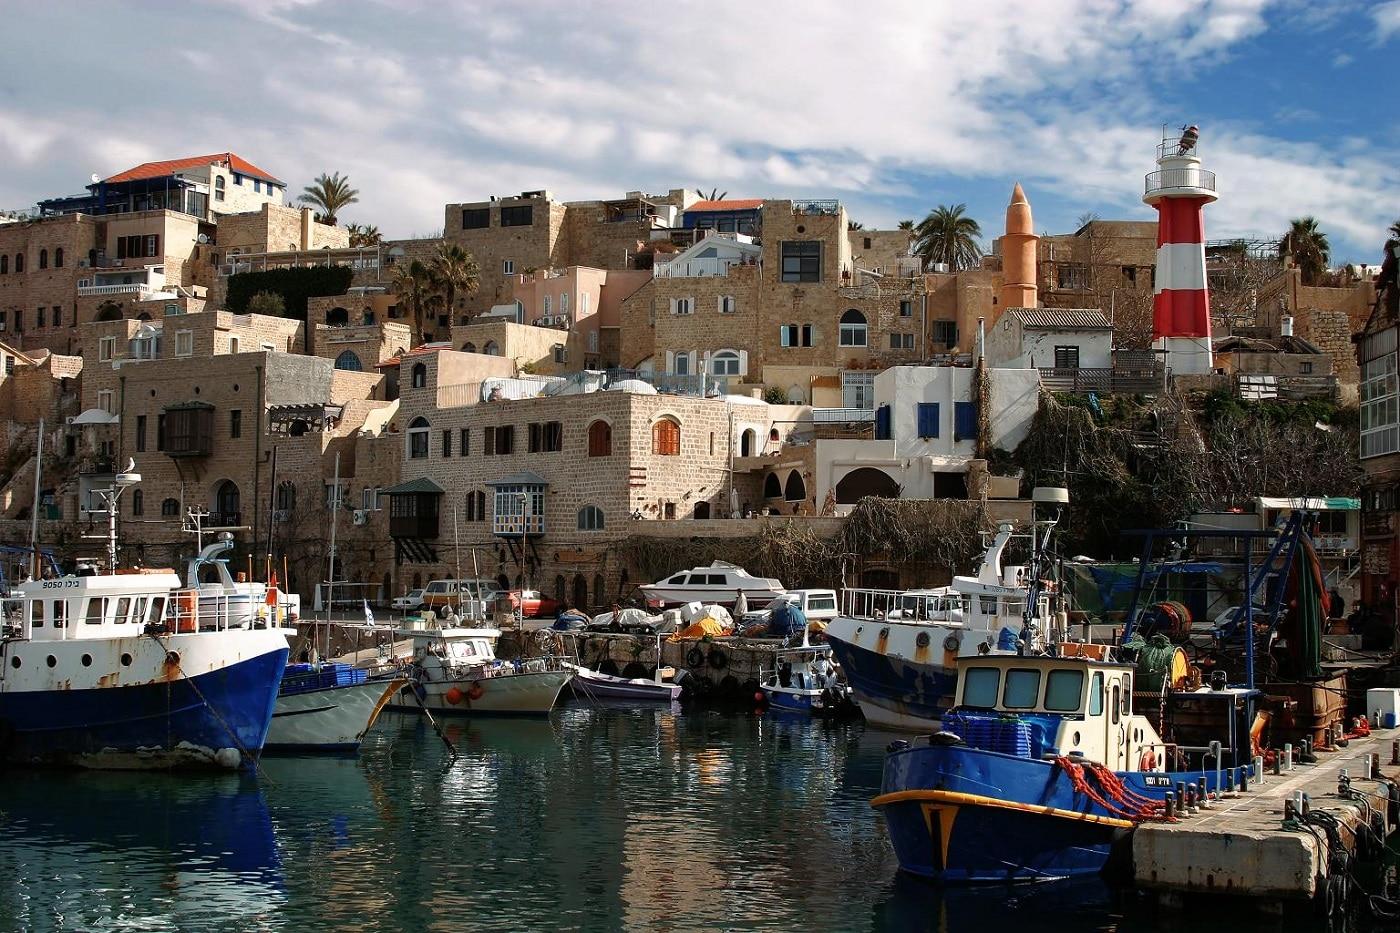 Vechiul Jaffa, una dintre cele mai vechi zone portuare din lume